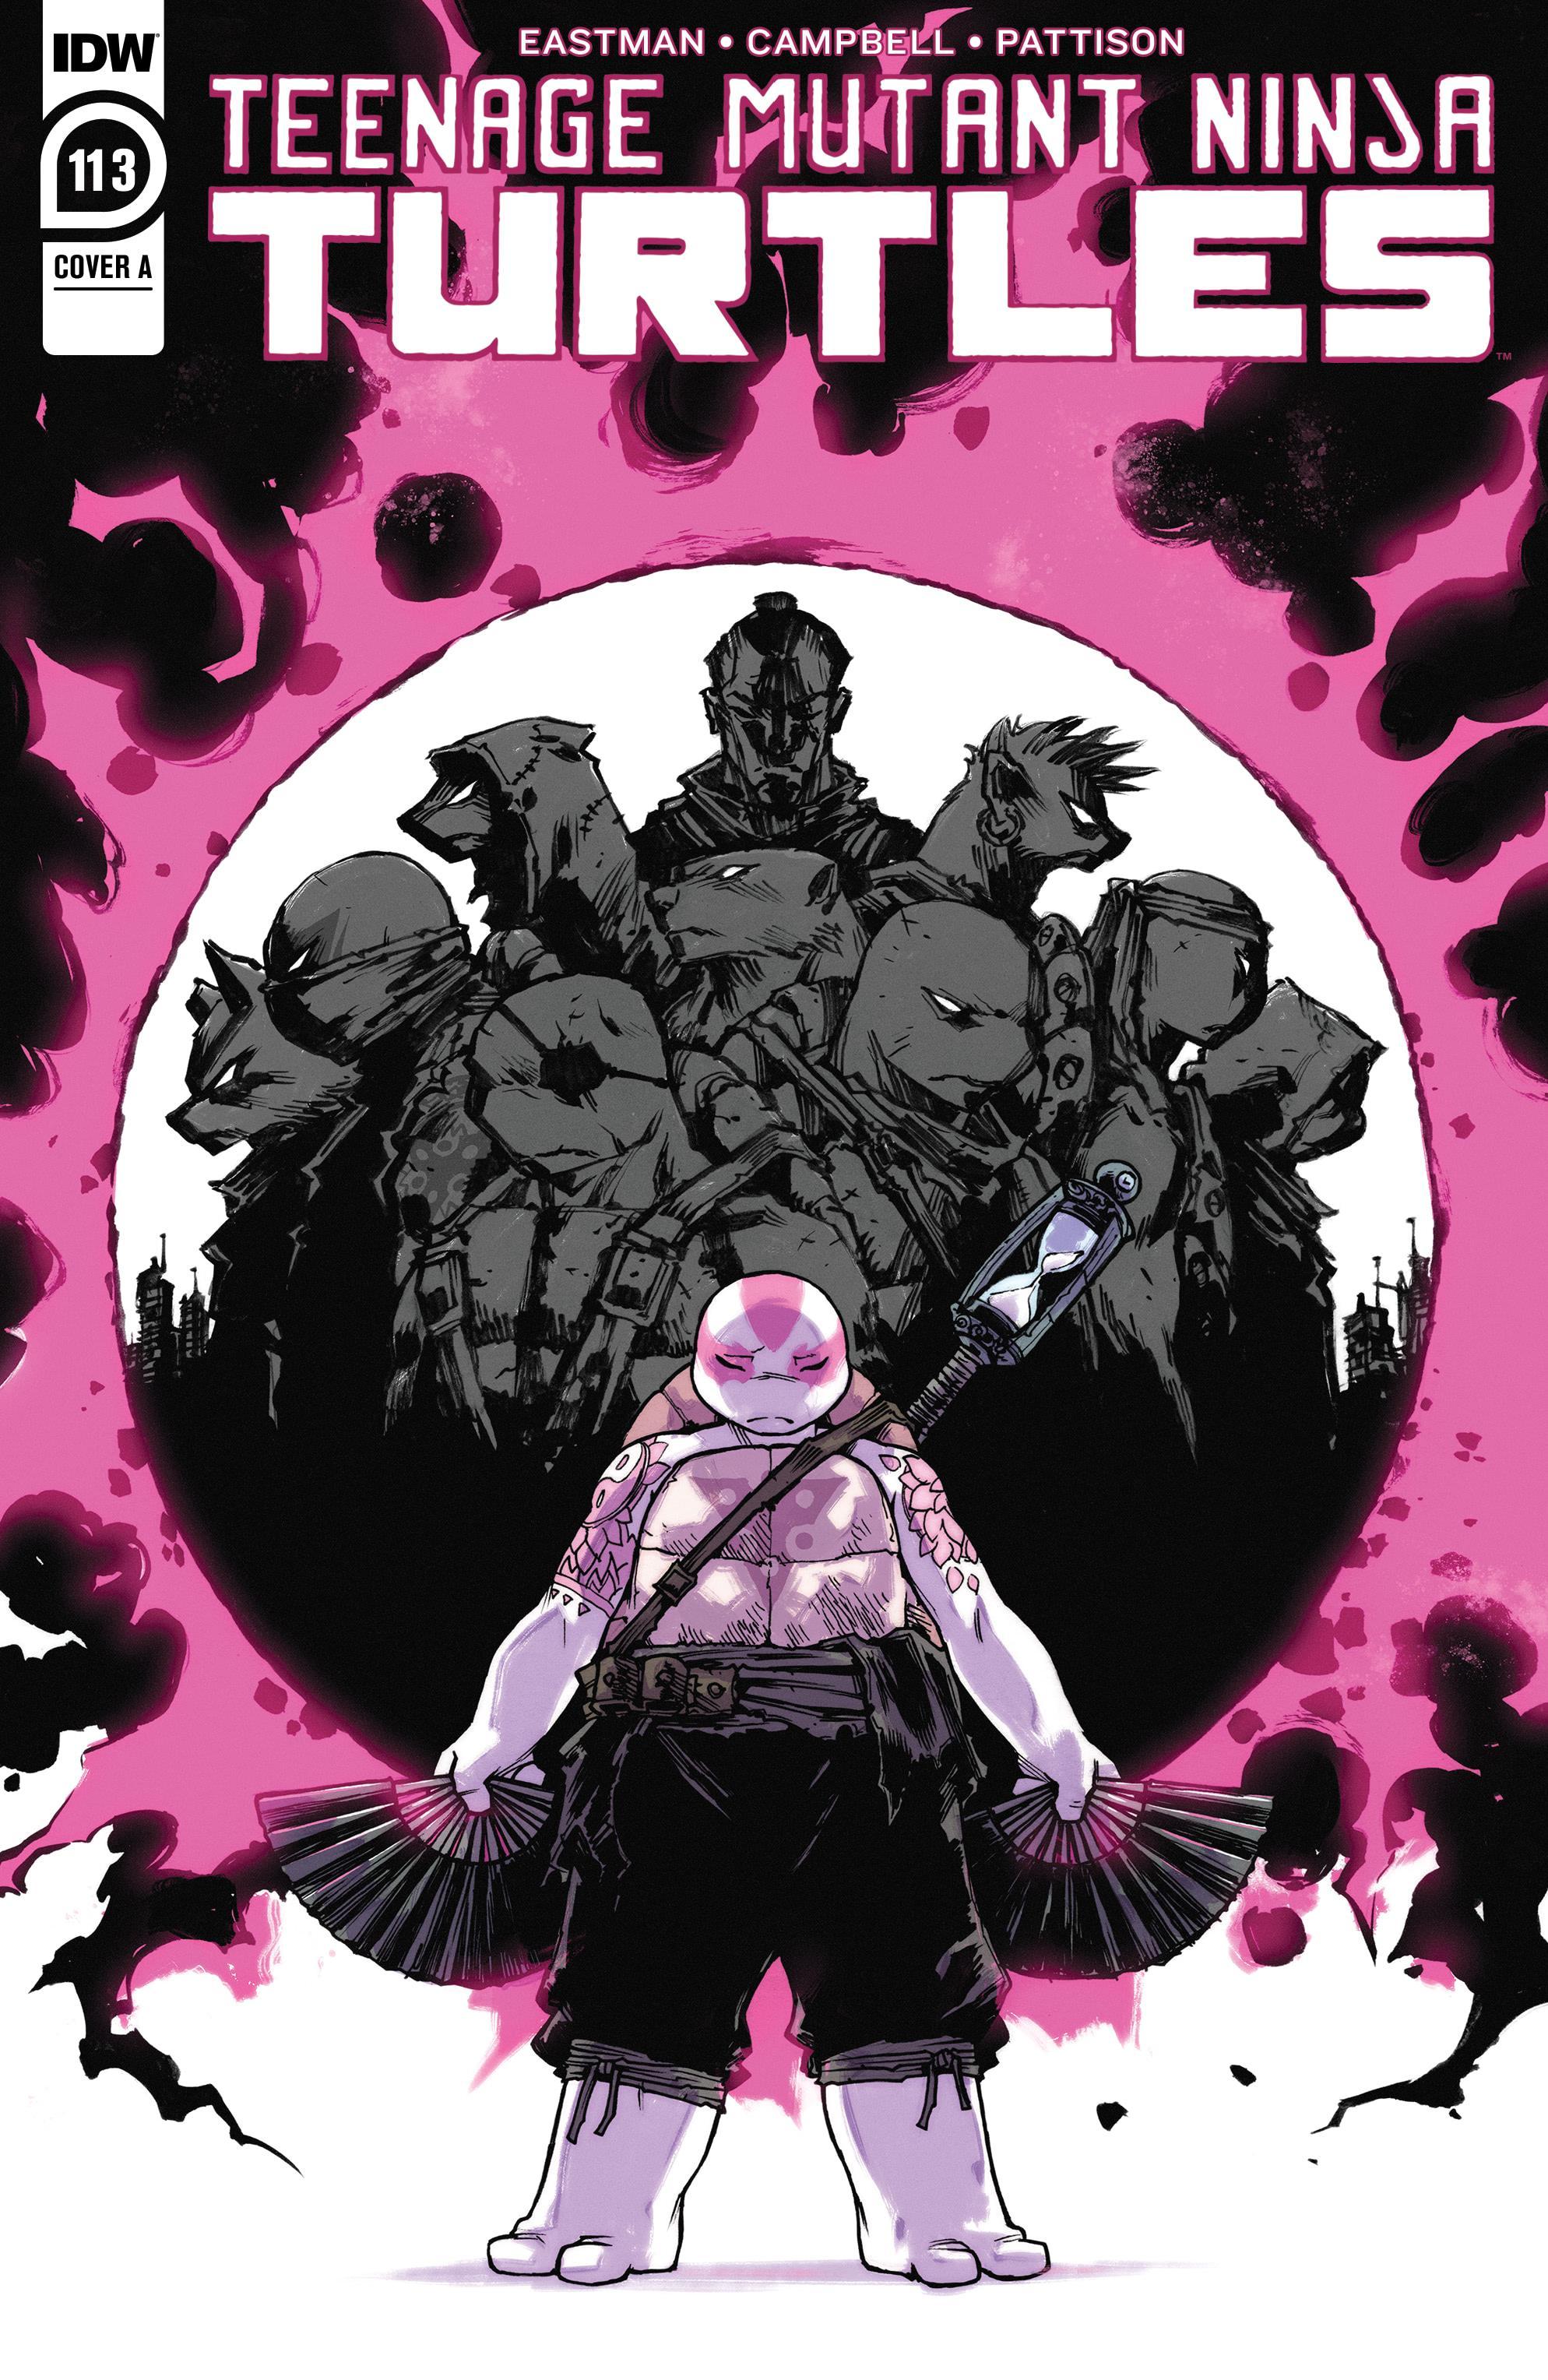 Teenage Mutant Ninja Turtles 113 (2021) (Digital) (BlackManta-Empire